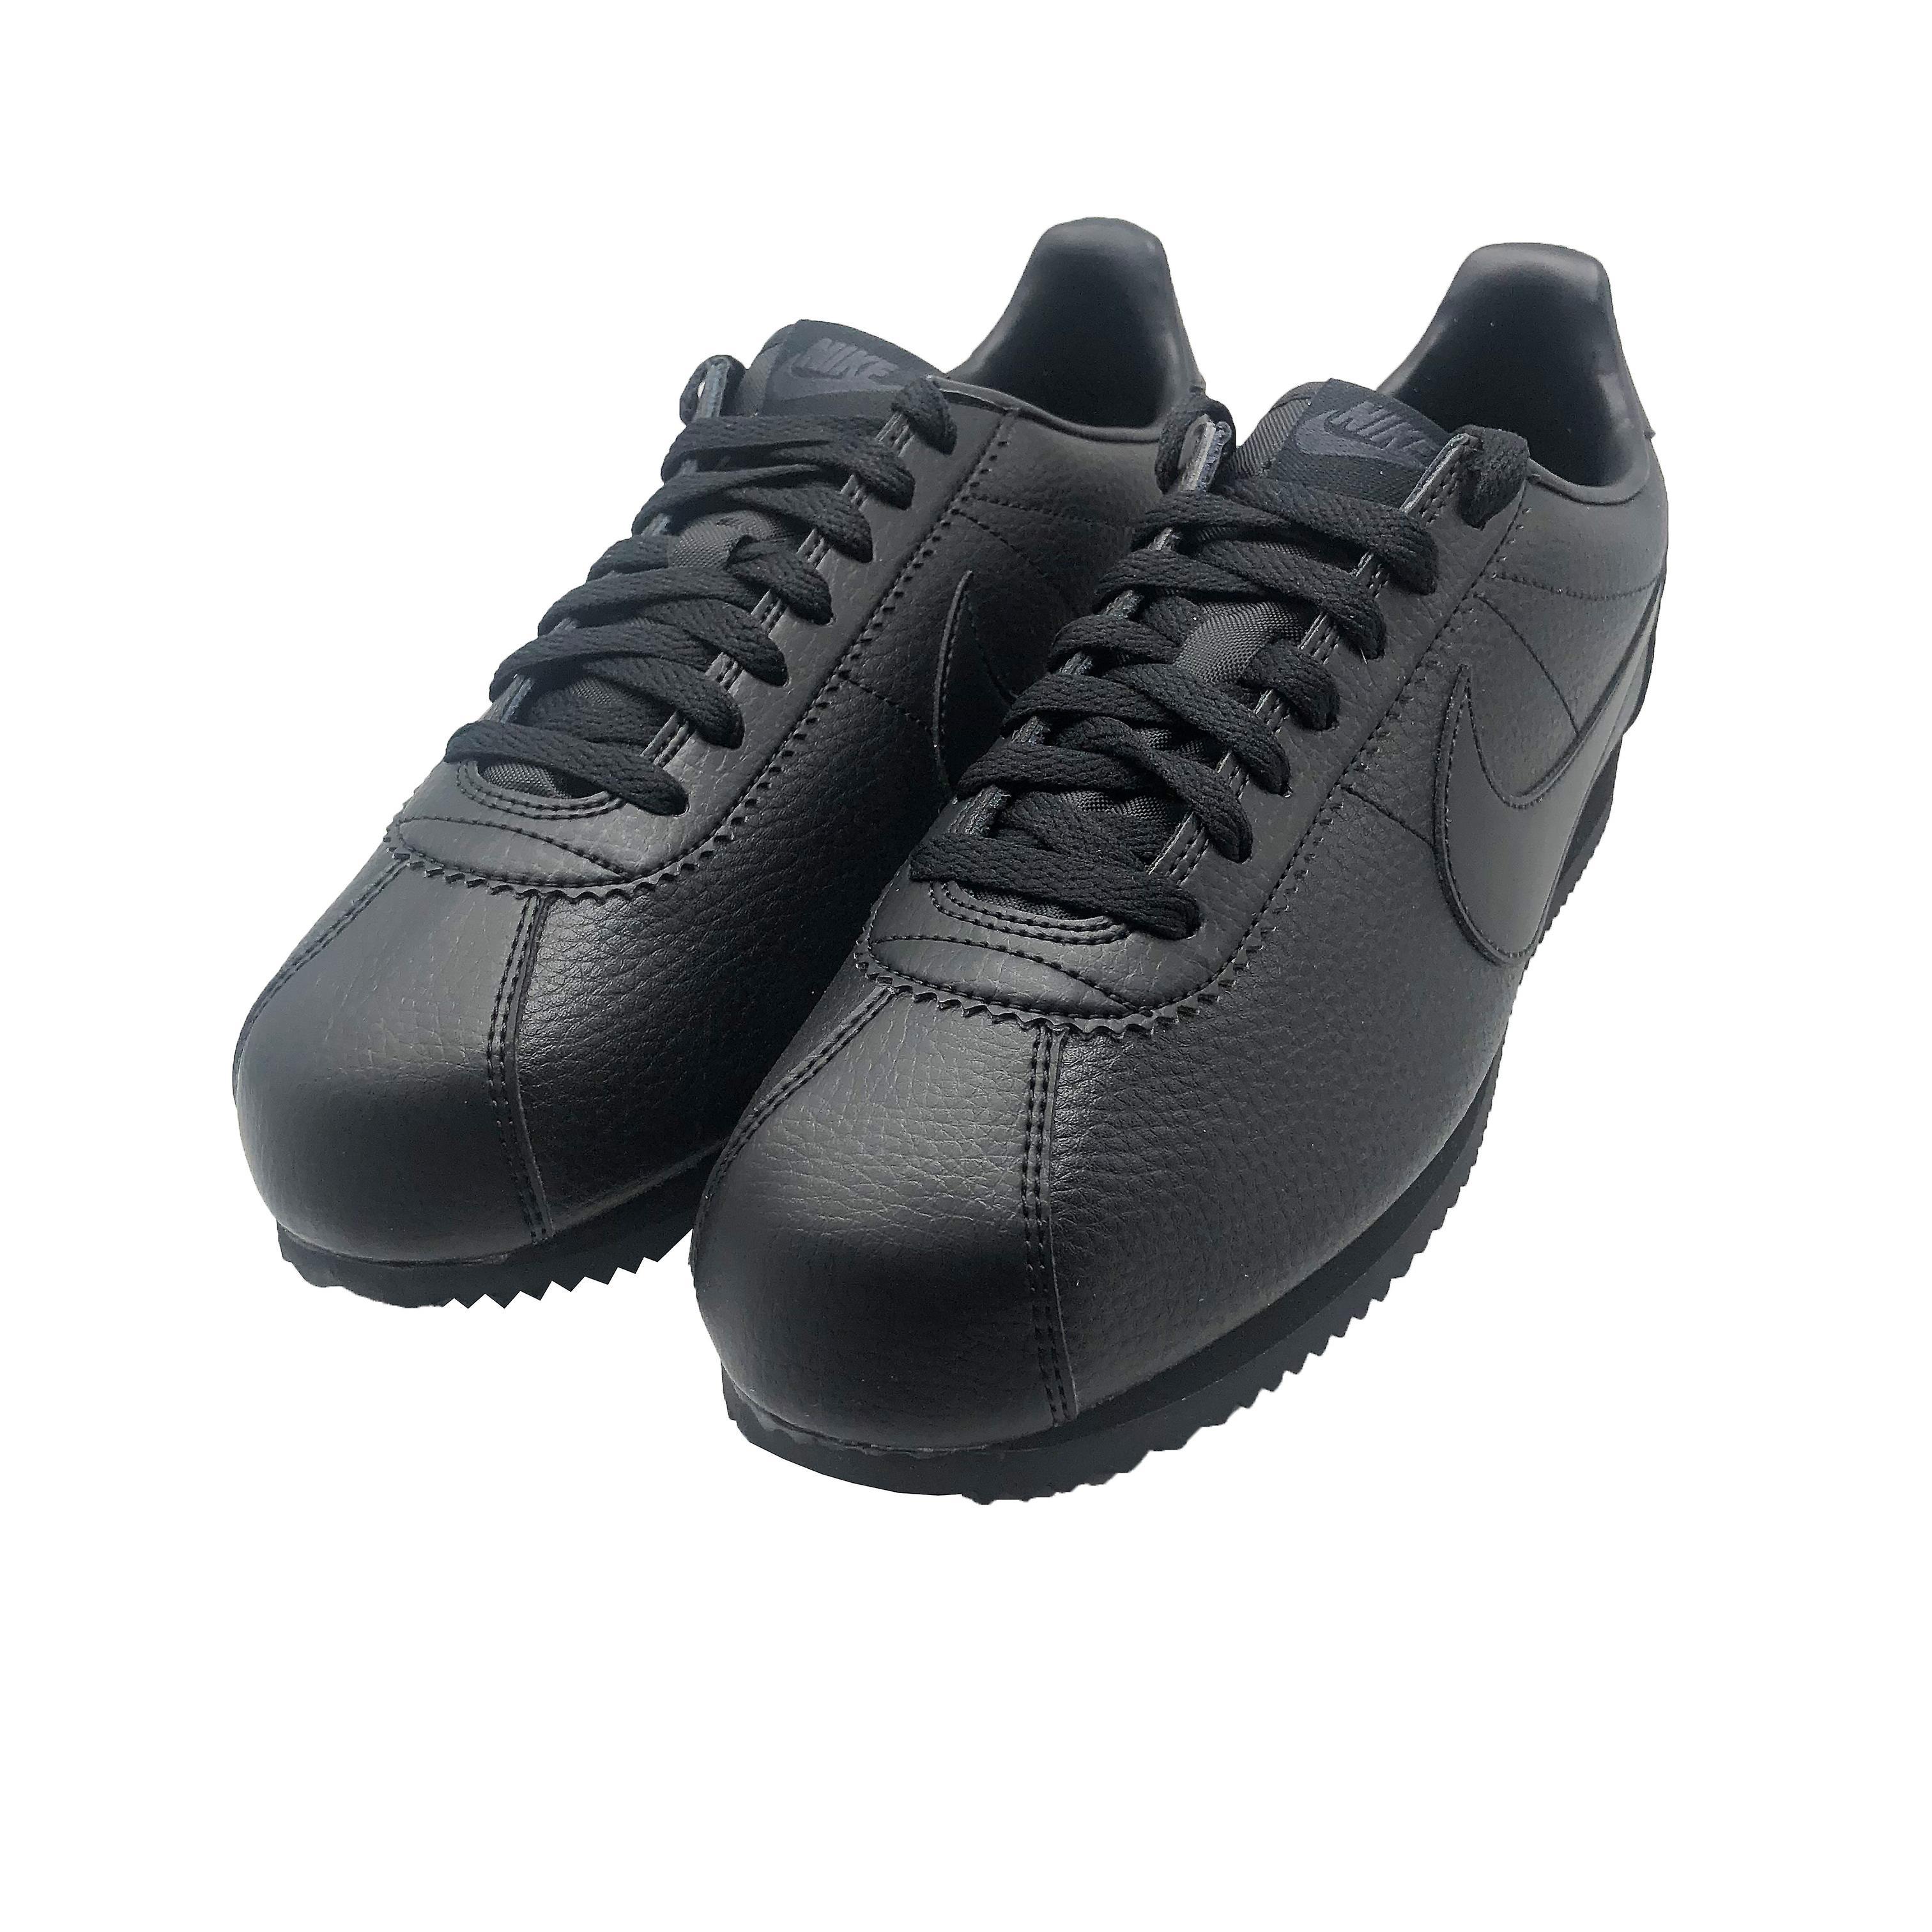 Nike Classic Cortez läder 749571 002 herr utbildare